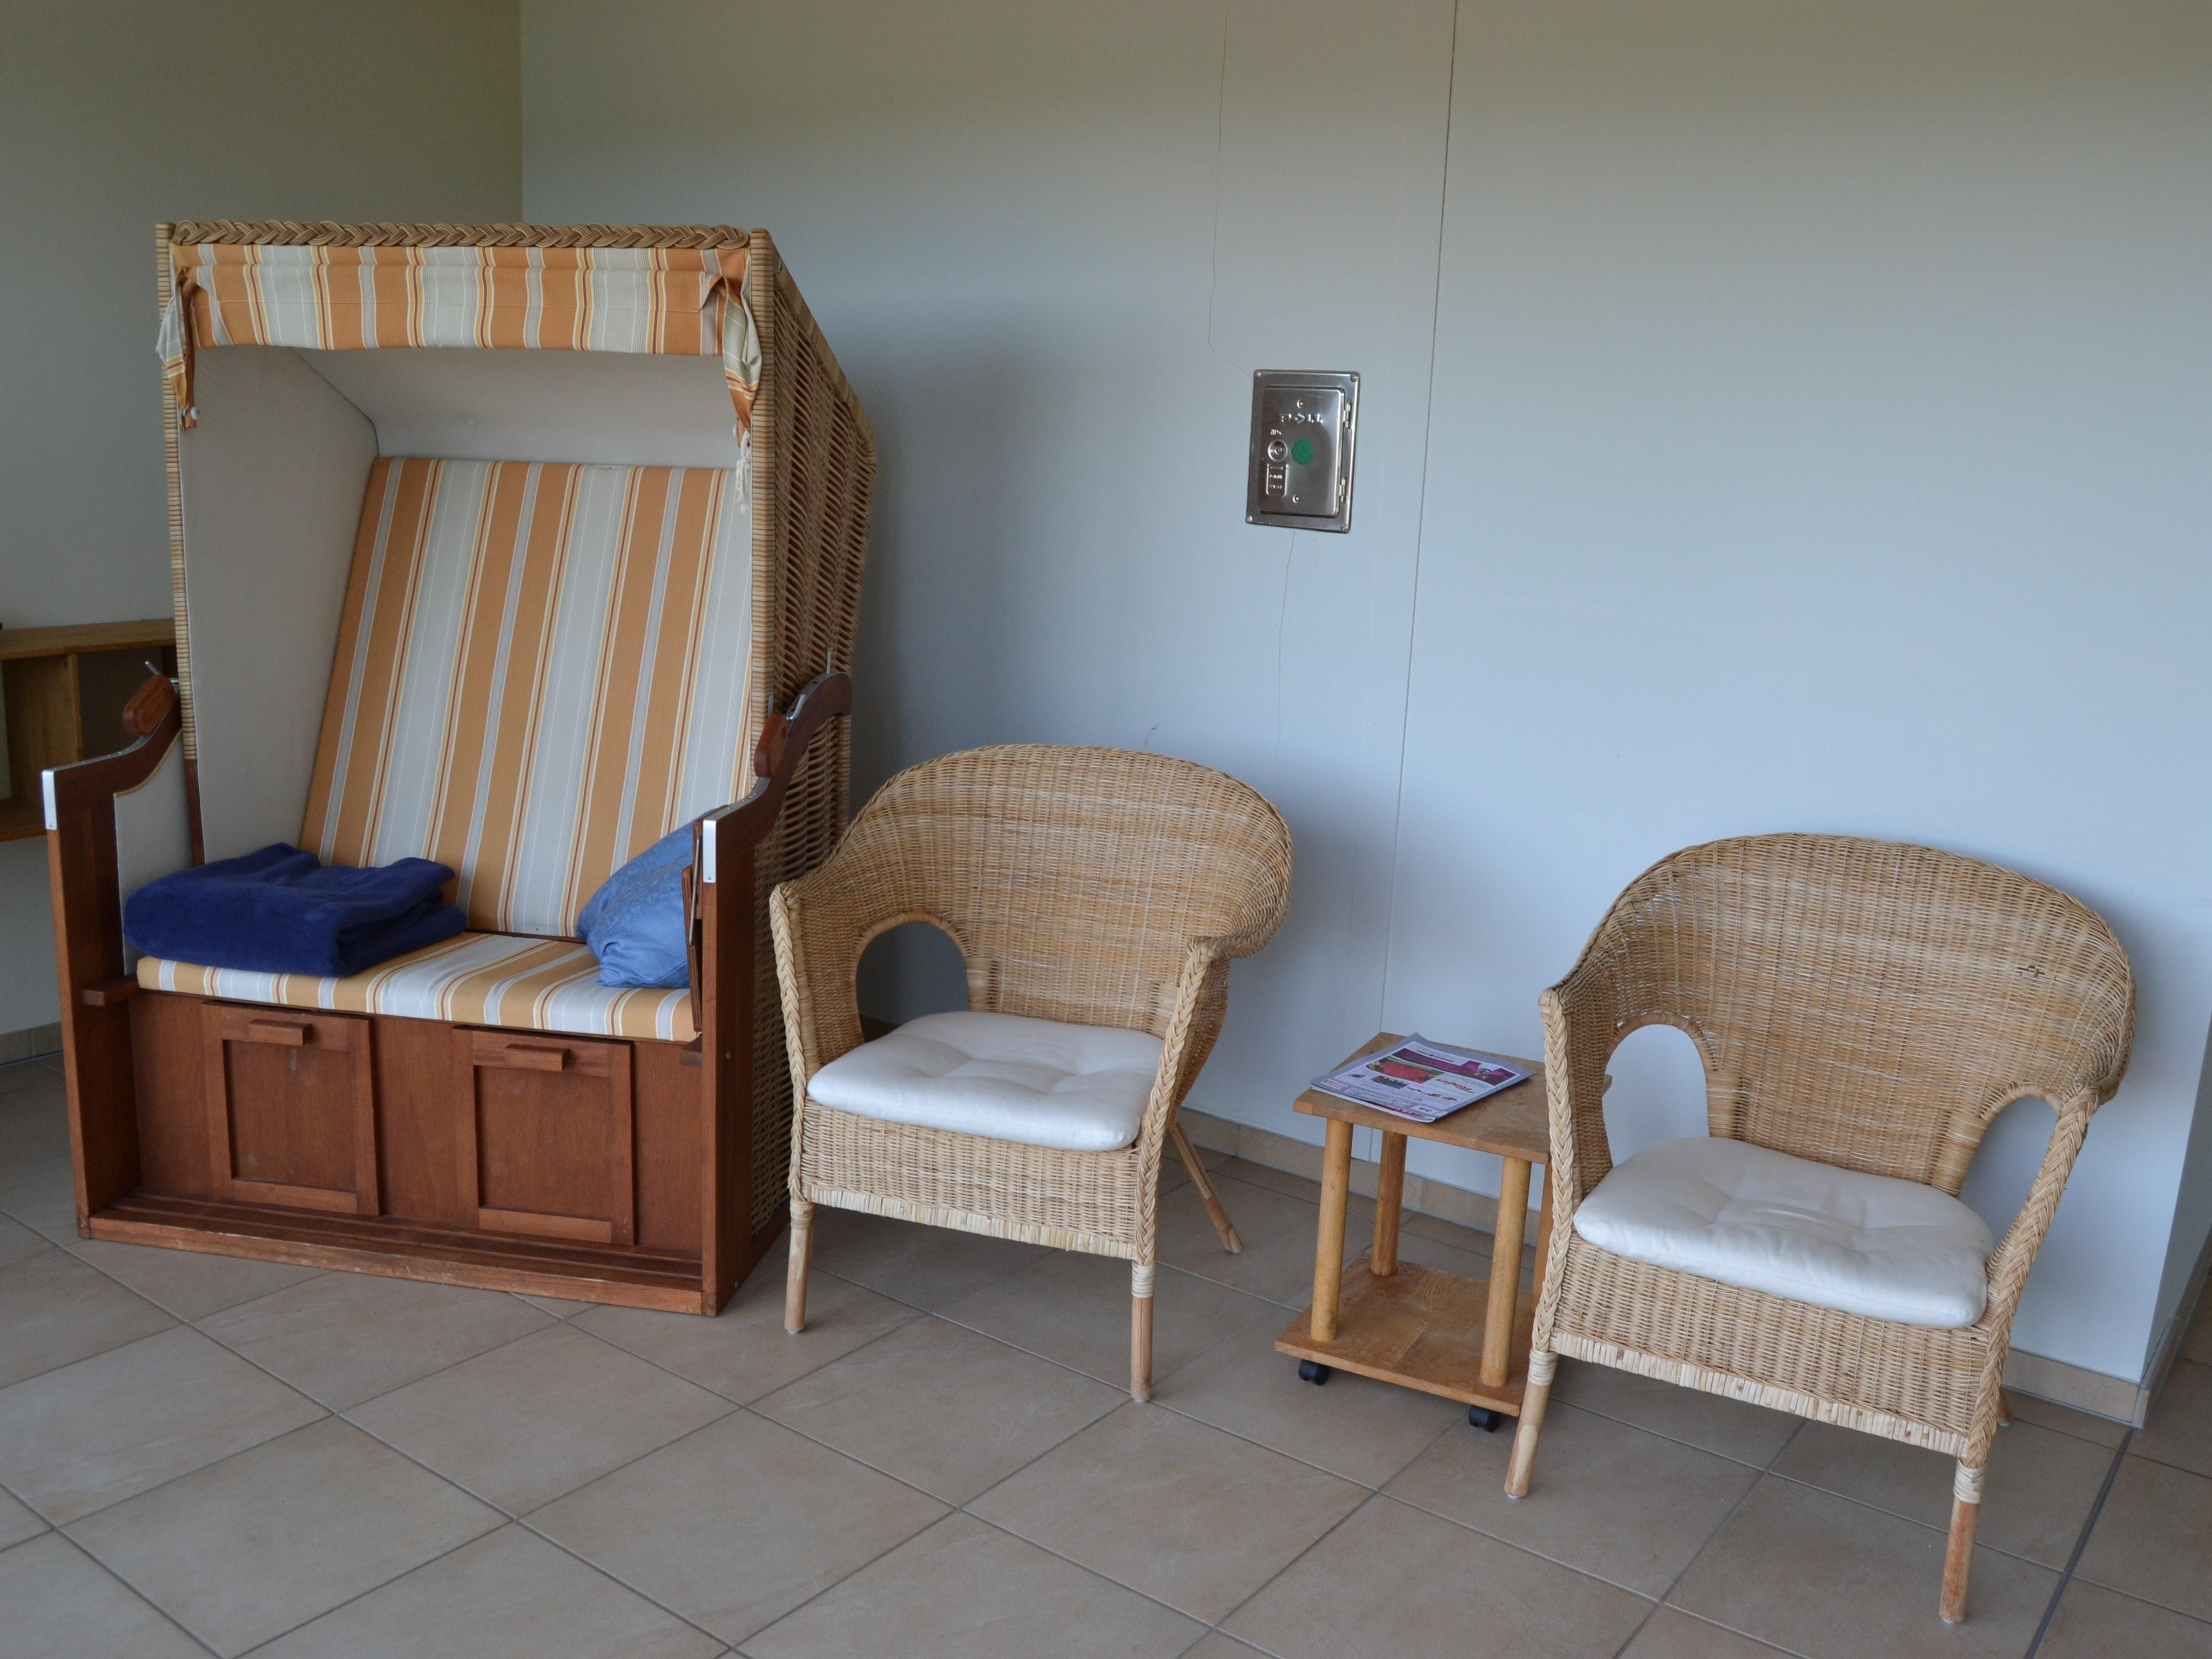 Entspannungsbereich mit Strandkorb